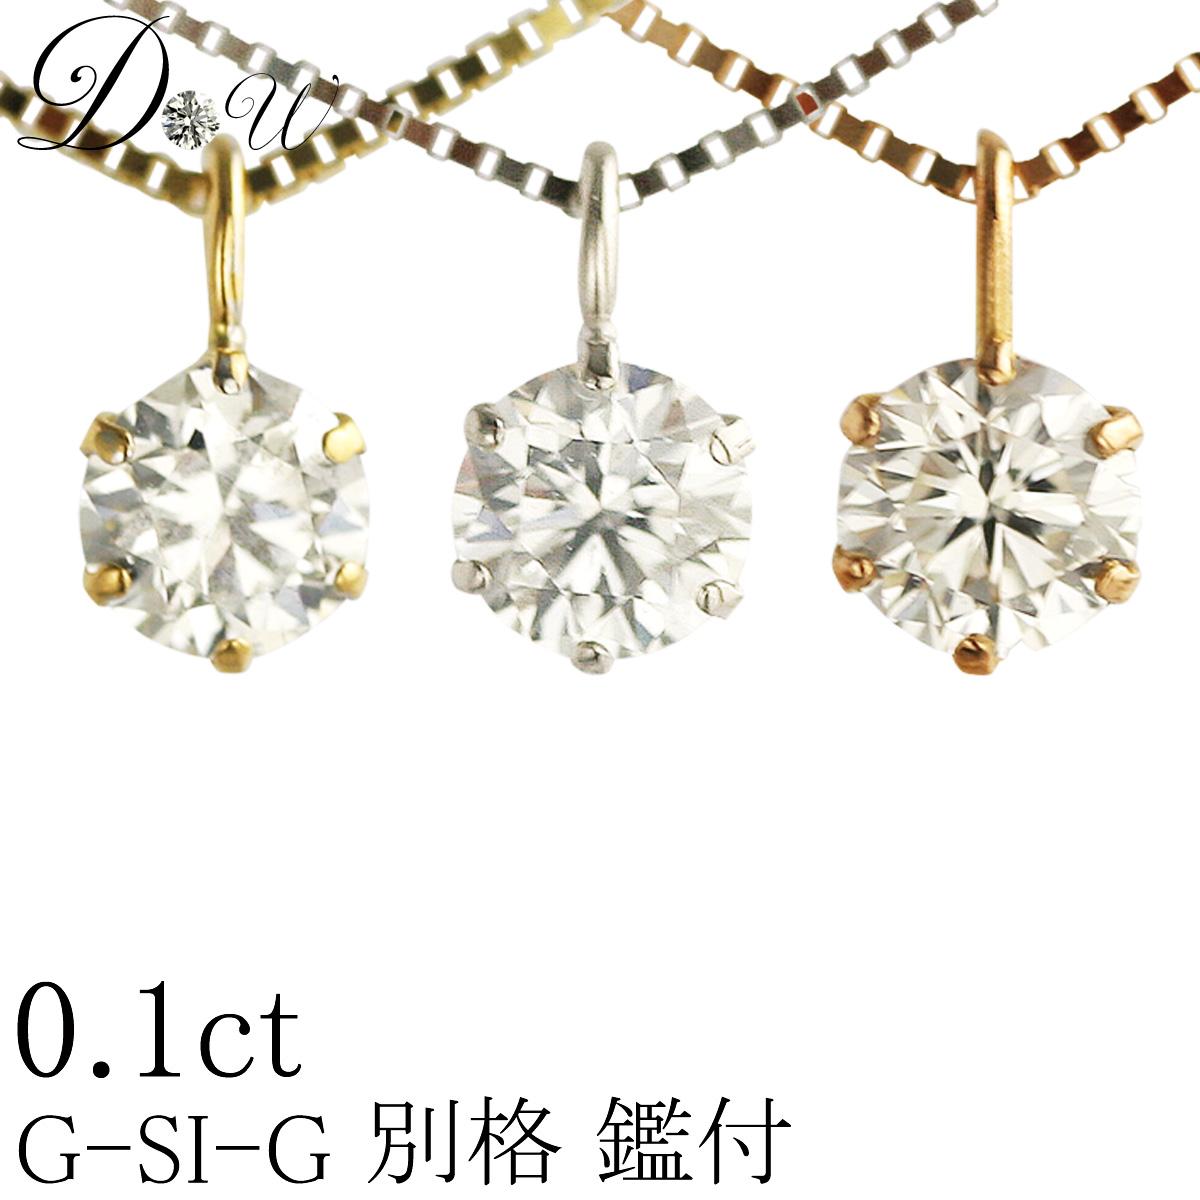 天然ダイヤモンド ネックレス 0.10ct【無色透明 D~Gカラー SI2クラス Goodカット】【GGSJ ソーティング (鑑定書の元)付】ダイヤ ネックレス 一粒 天然ダイヤモンド【 輝き厳選保証 】